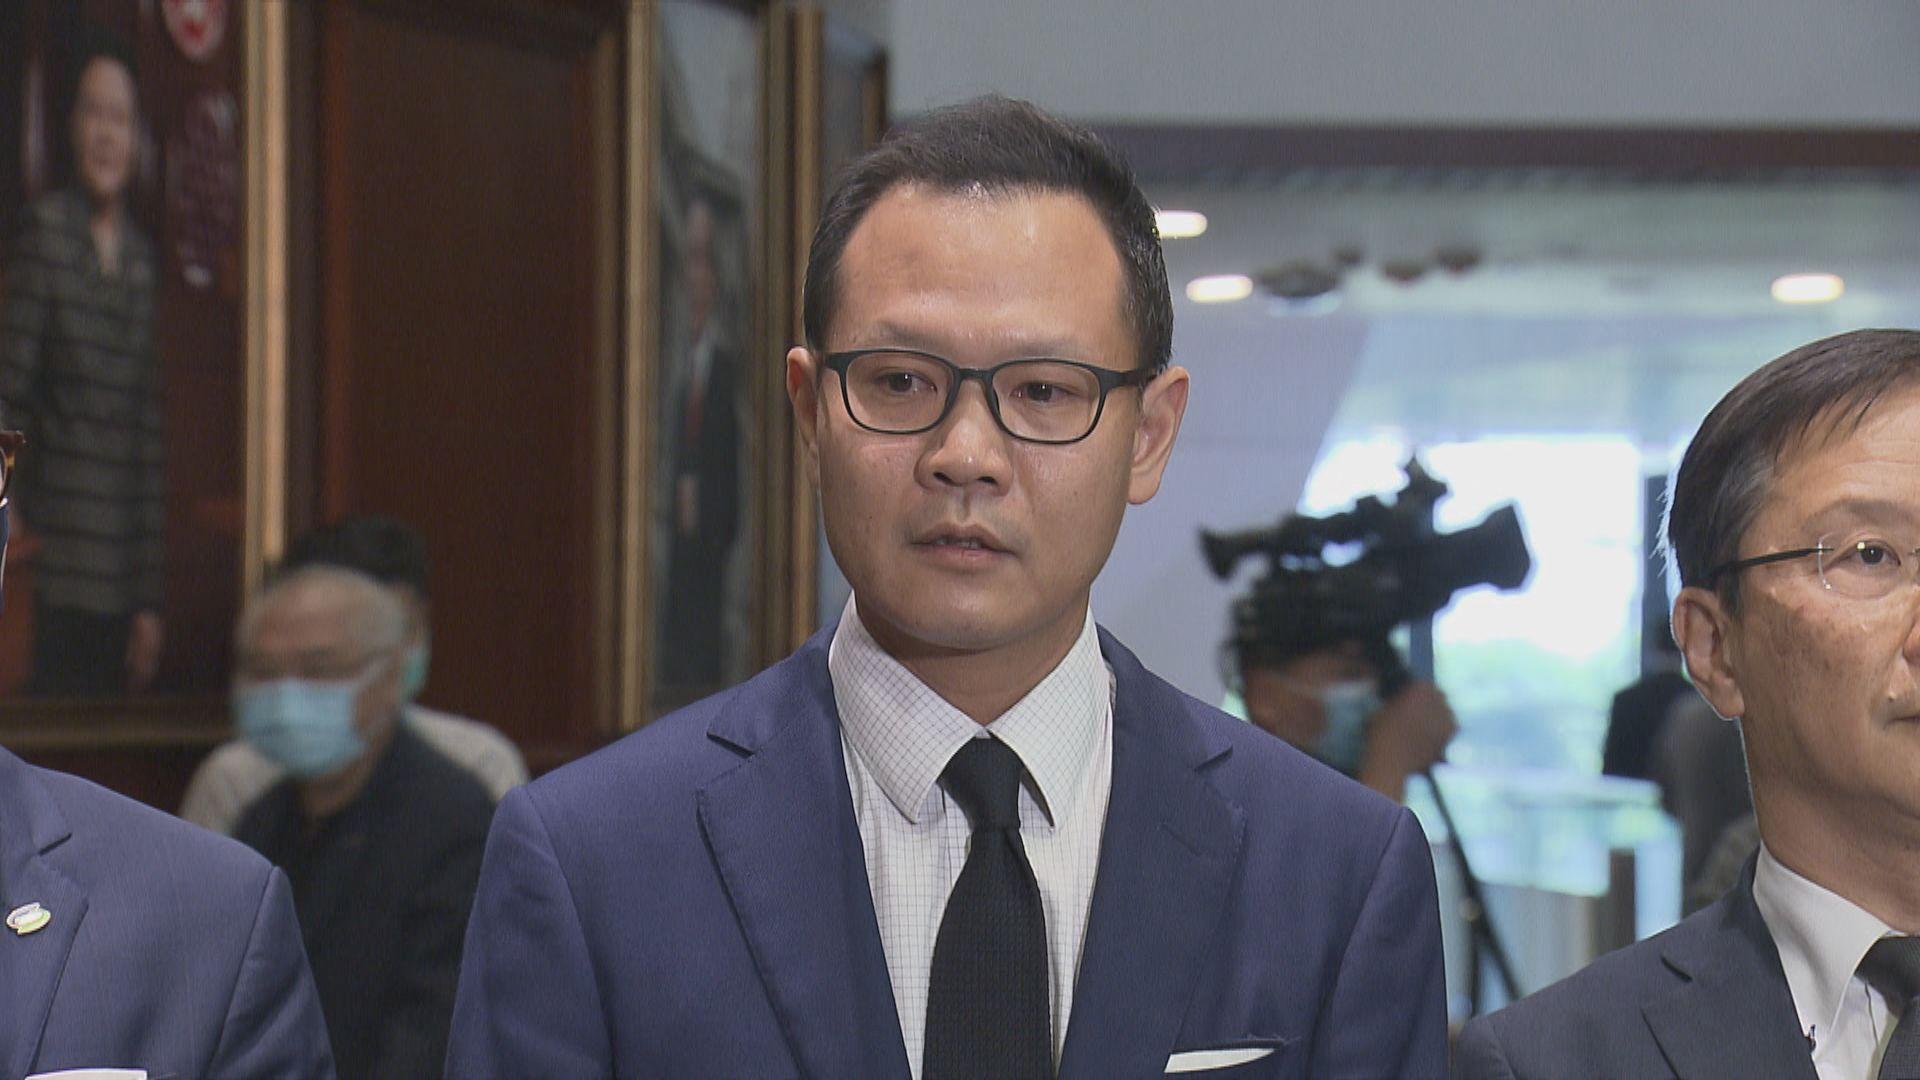 郭榮鏗:能與港人捍衛核心價值 只感光榮沒後悔